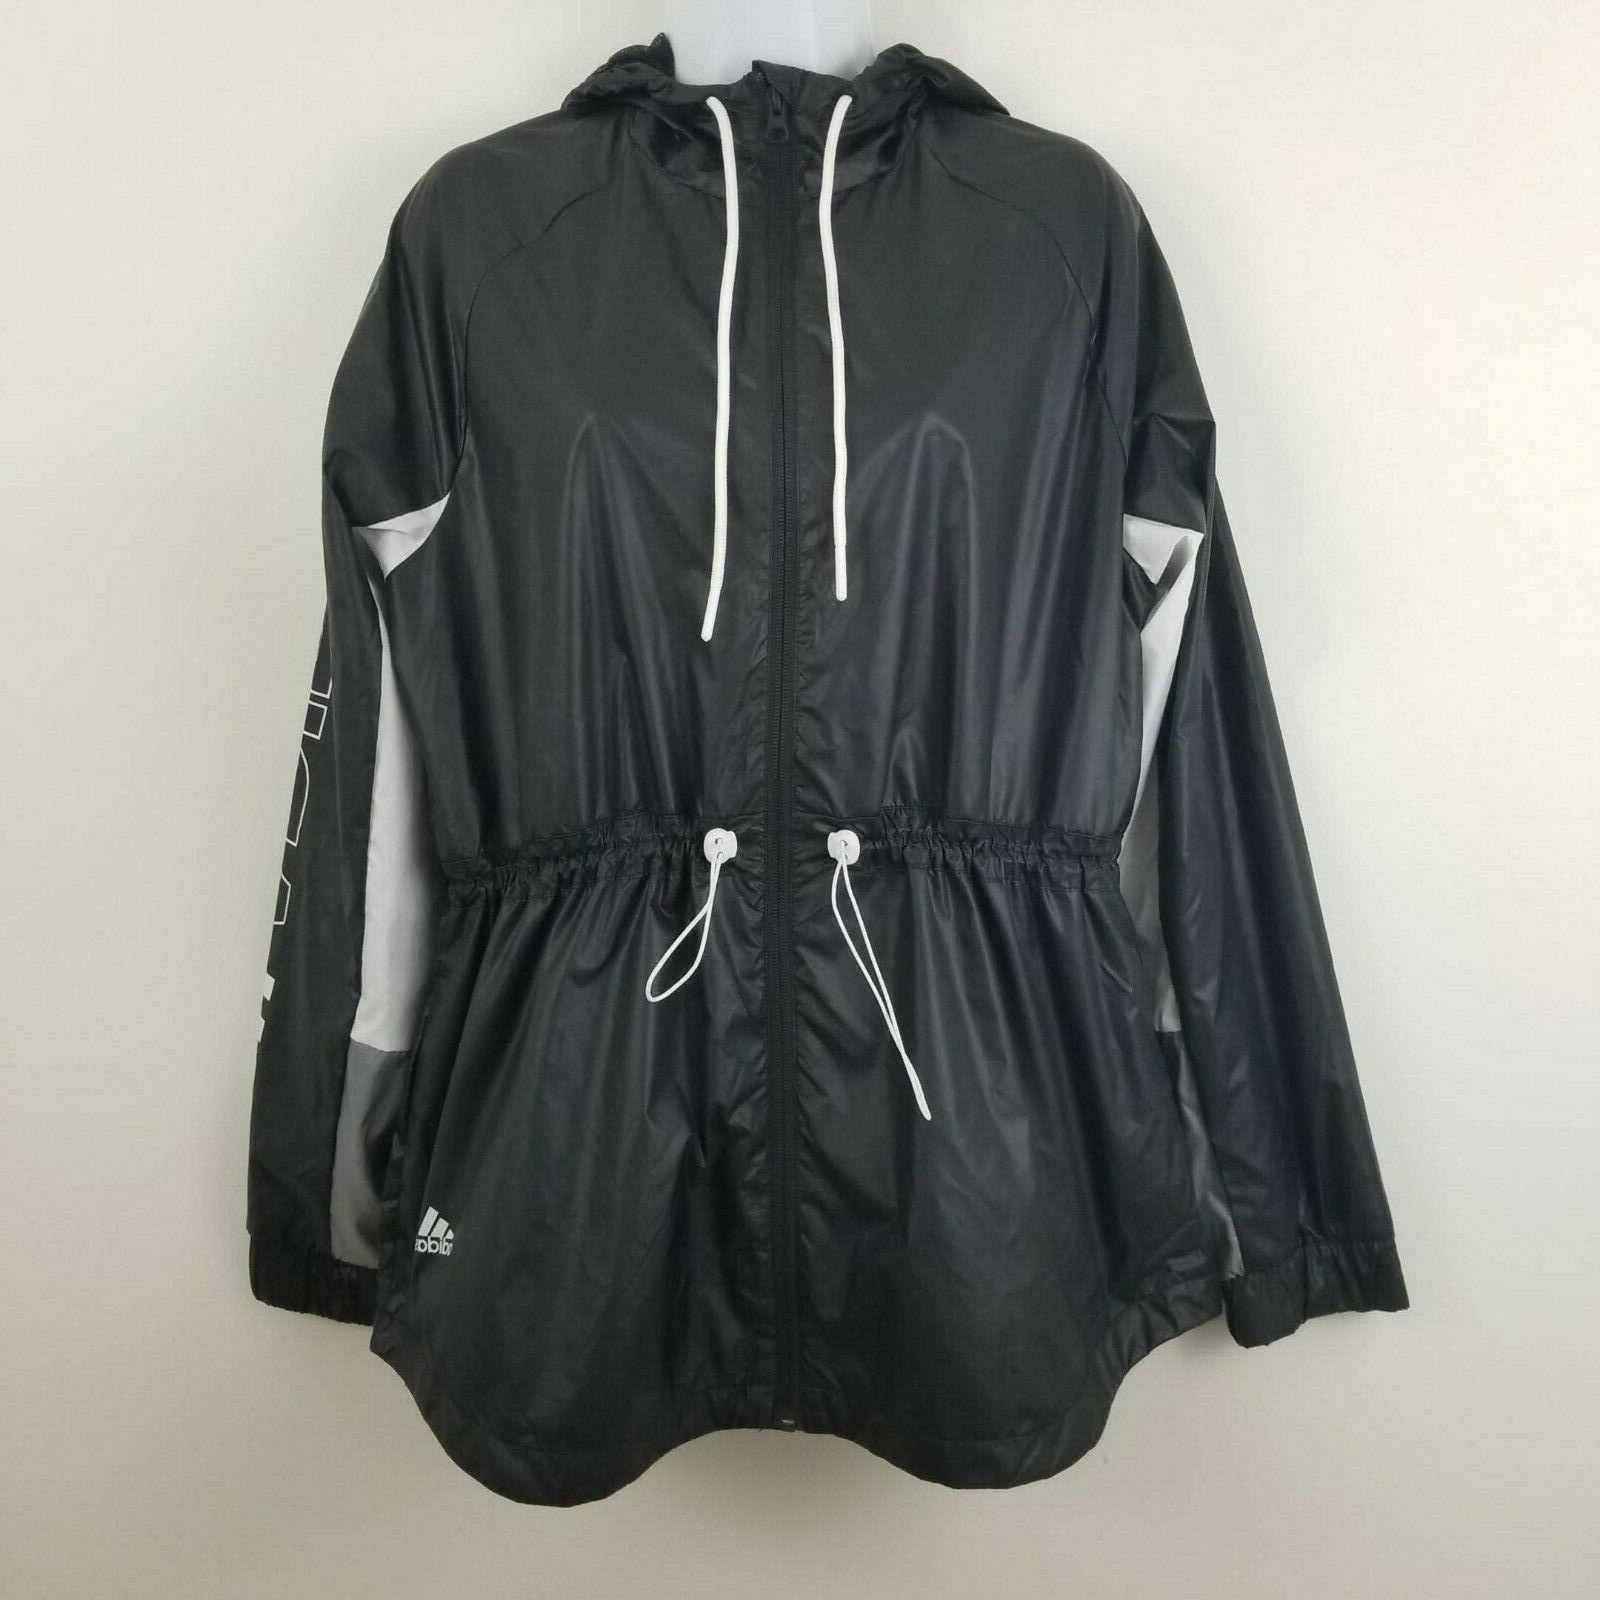 Adidas Large Womens Rain Jacket